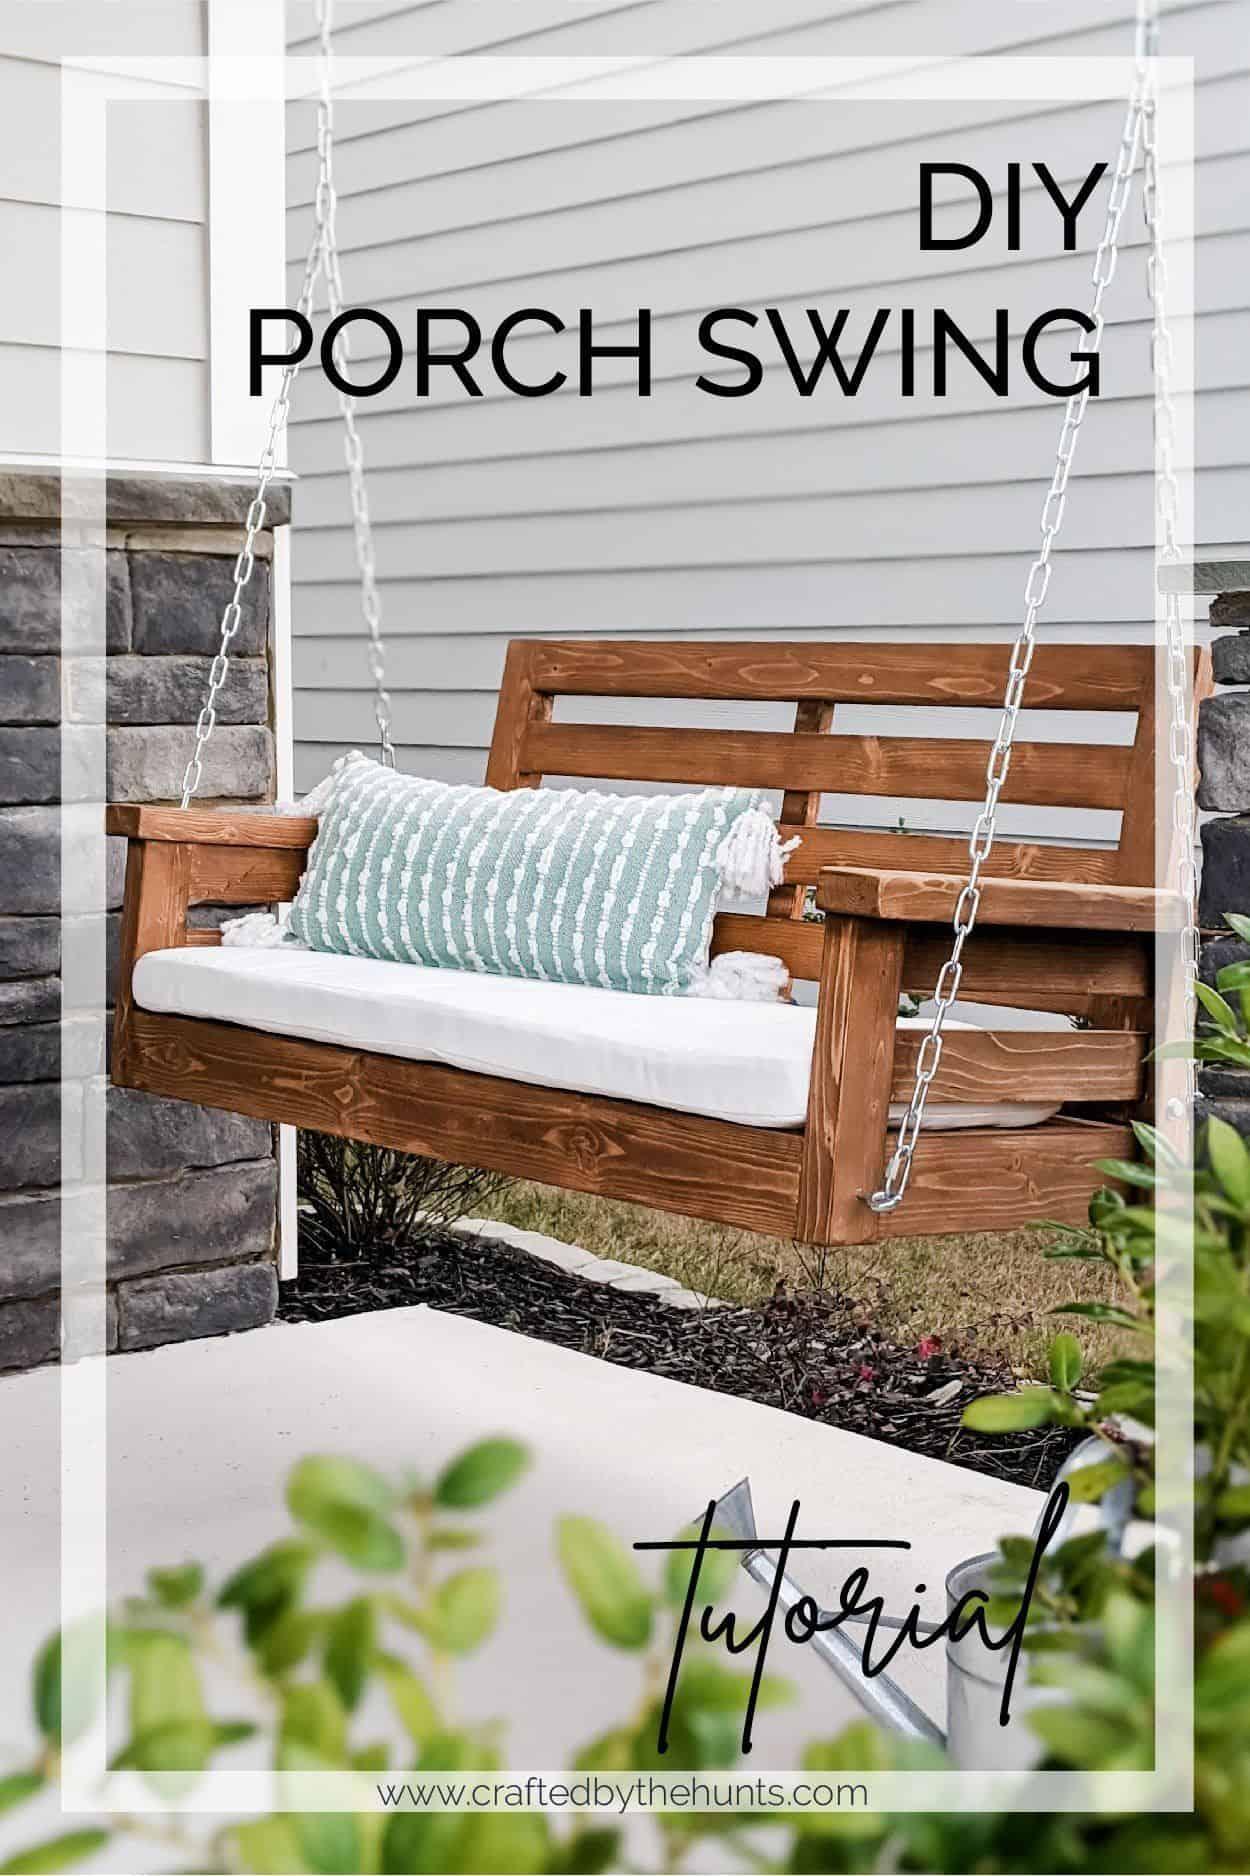 DIY porch swing tutorial